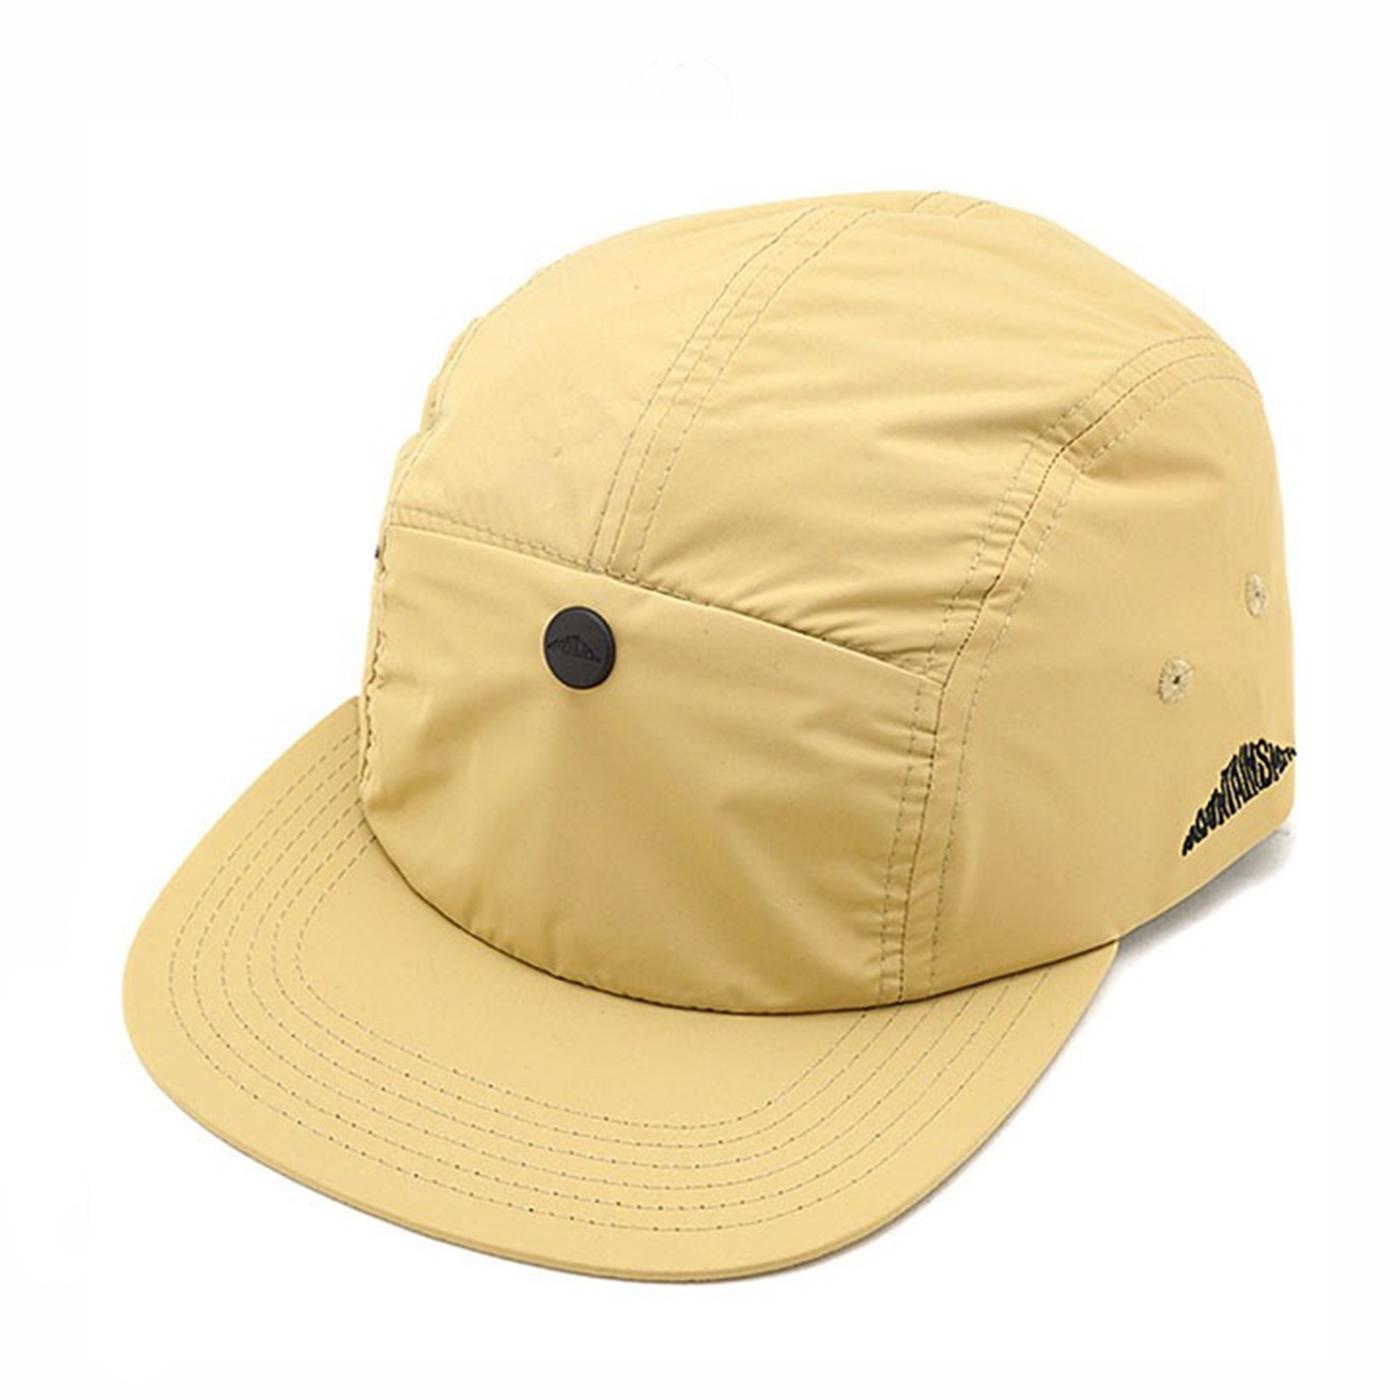 product: MS POCKET CAP / color: BEIGE 1